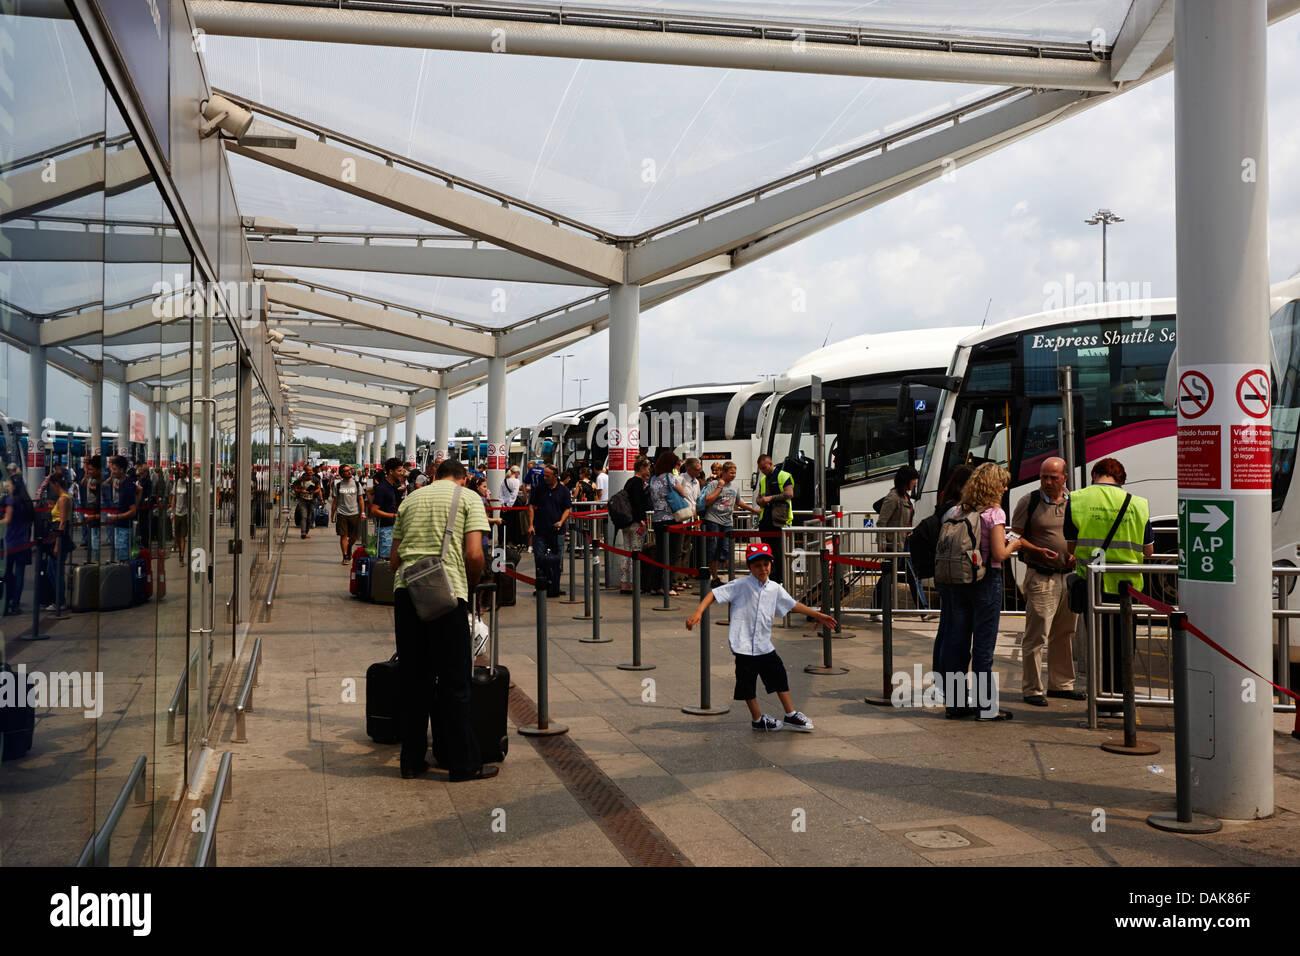 Autobus e pullman di arresto del trasferimento dall'Aeroporto stansted di Londra Essex, Inghilterra, Regno Unito Foto Stock